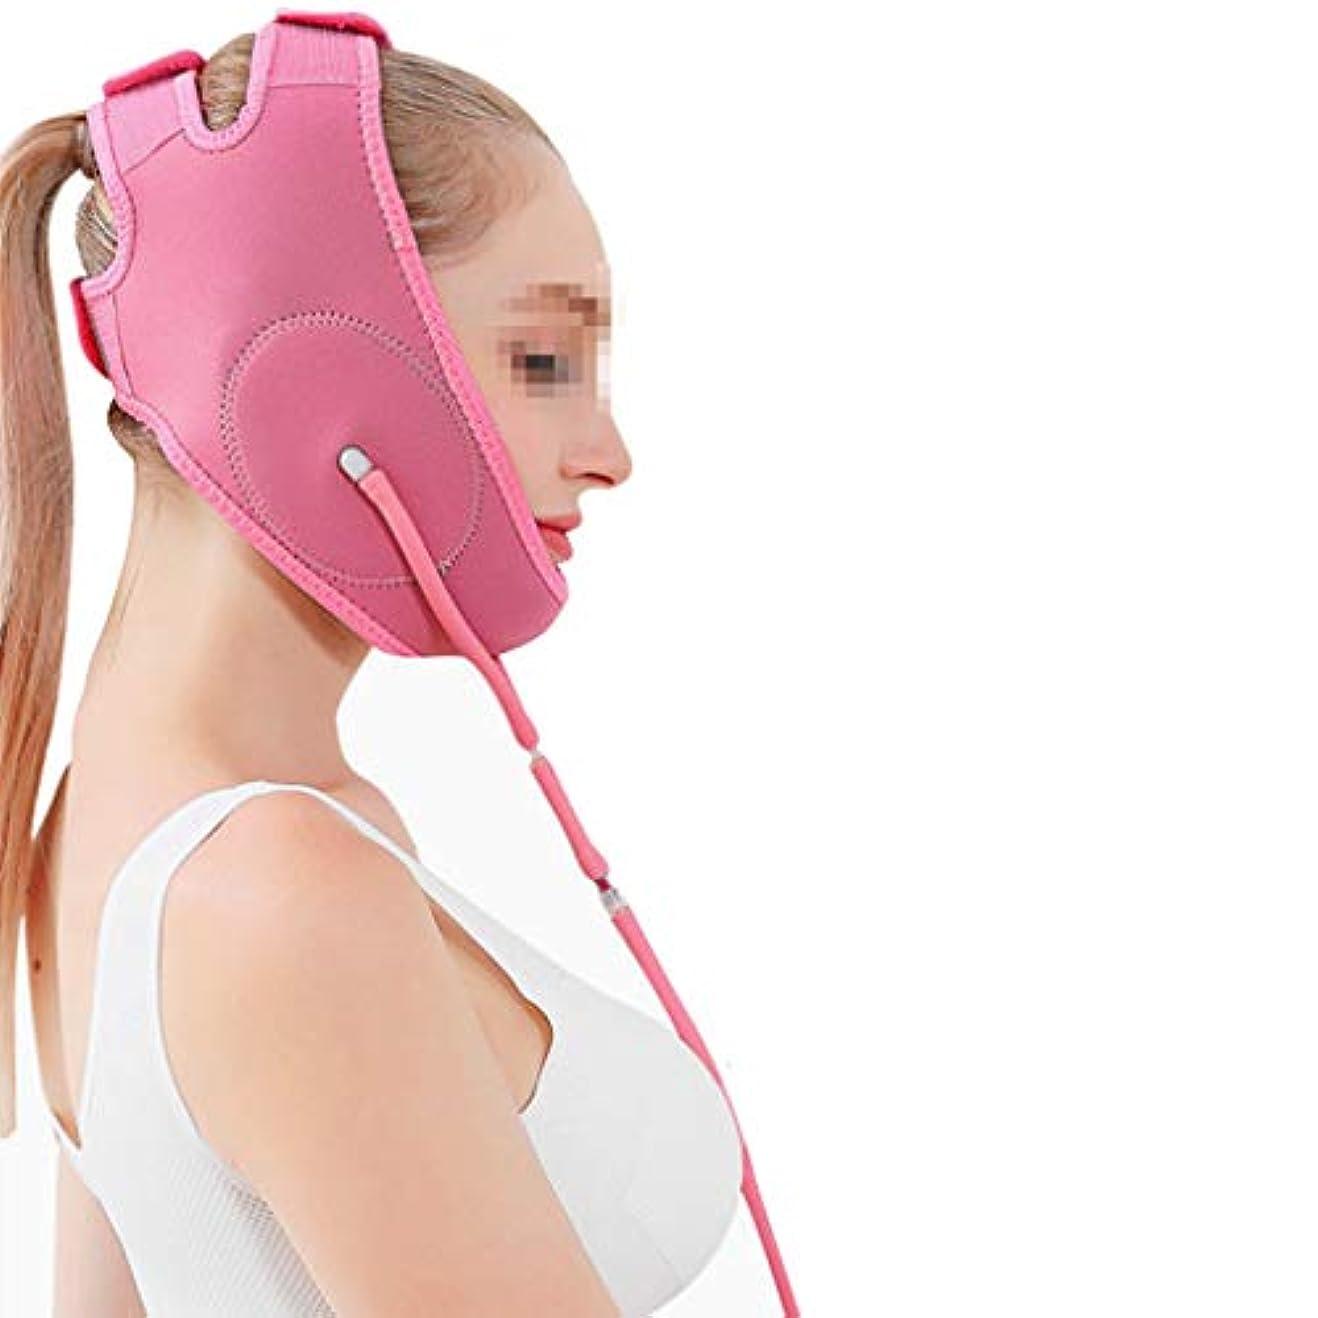 注入斧ビジョンXHLMRMJ 空気圧薄いフェイスベルト、マスク小さなVフェイス圧力リフティングシェーピングかみ傷筋肉引き締めパターン二重あご包帯薄いフェイス包帯マルチカラーオプション (Color : Pink)